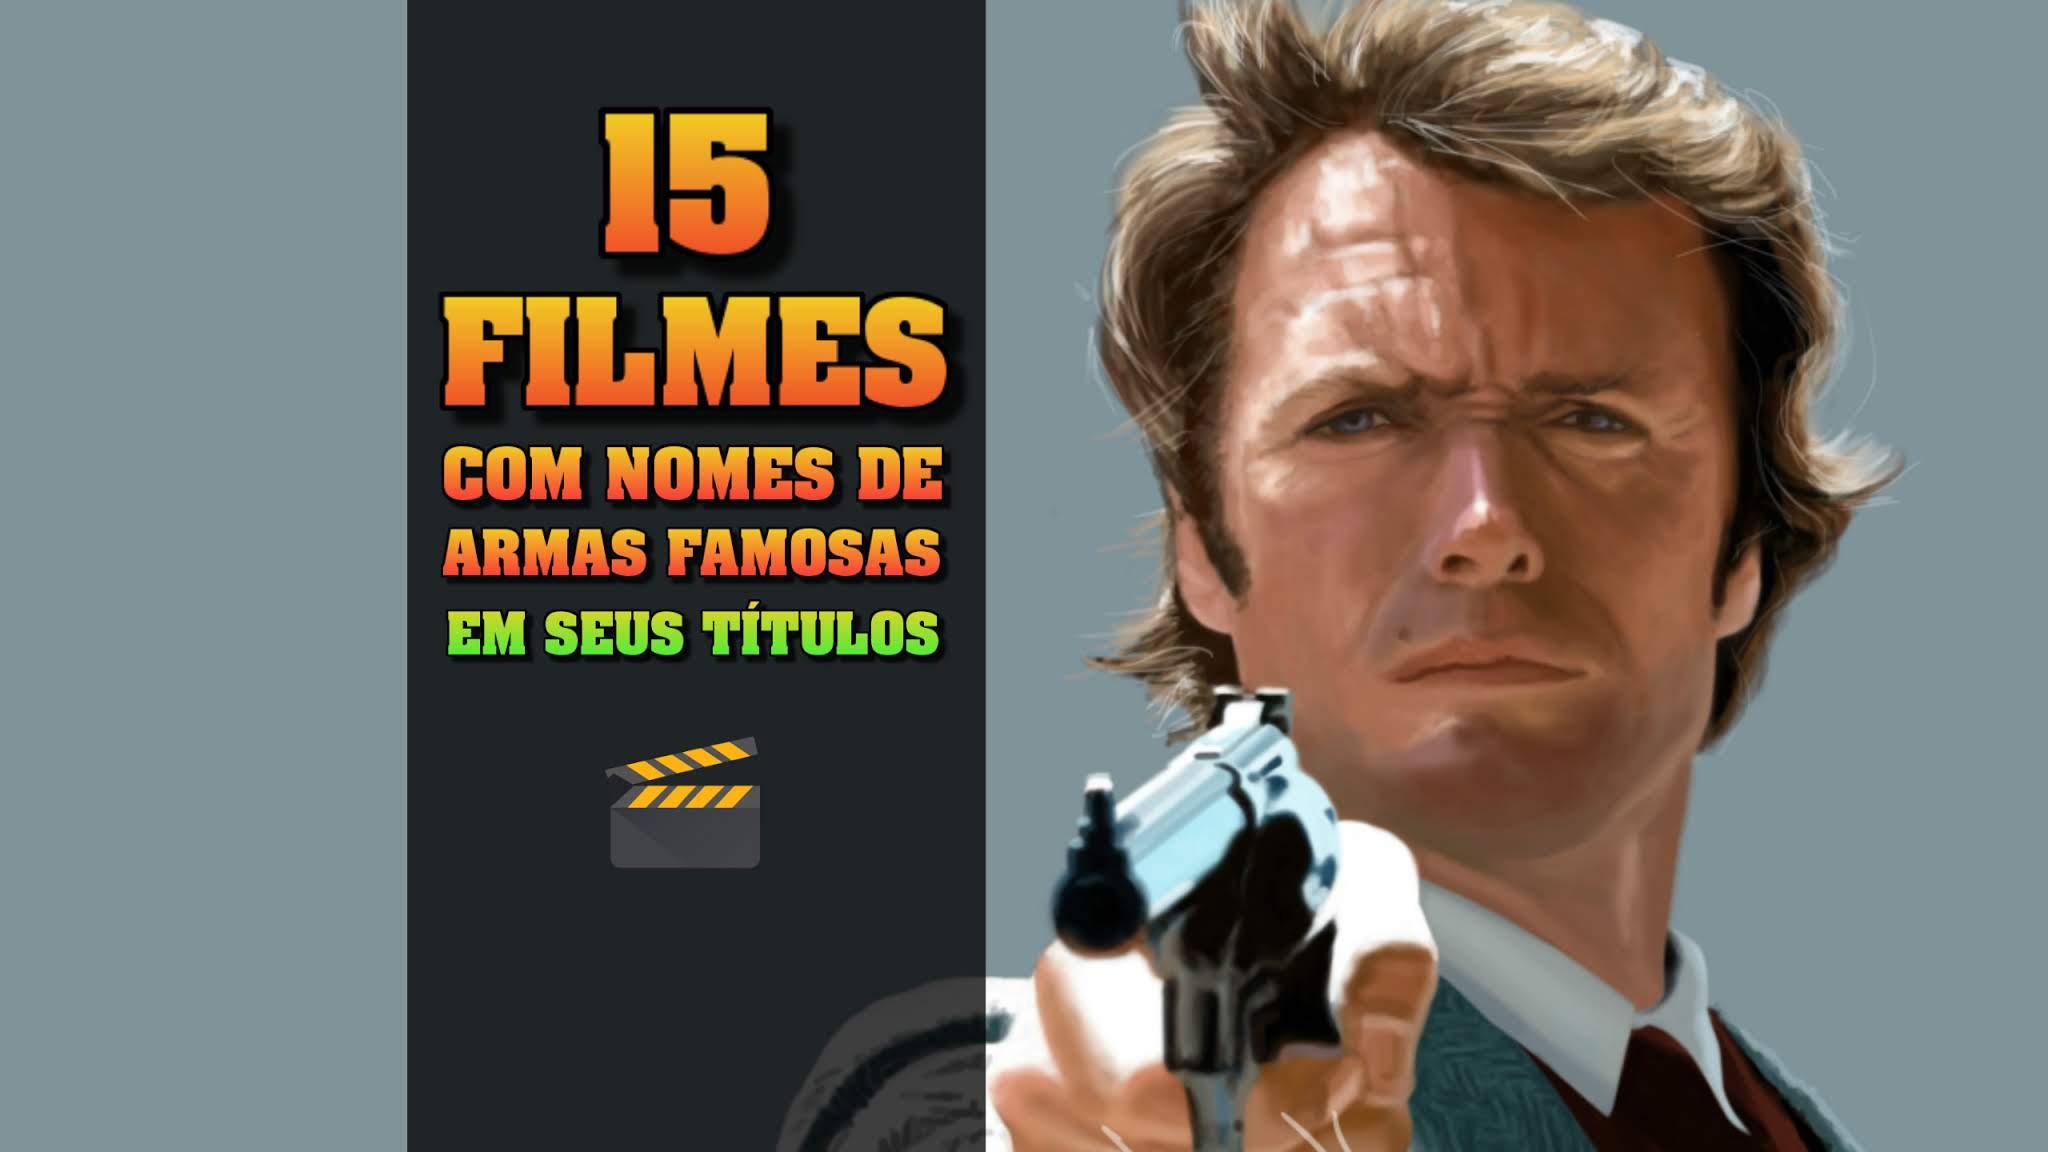 filmes-com-nomes-de-armas-famosas